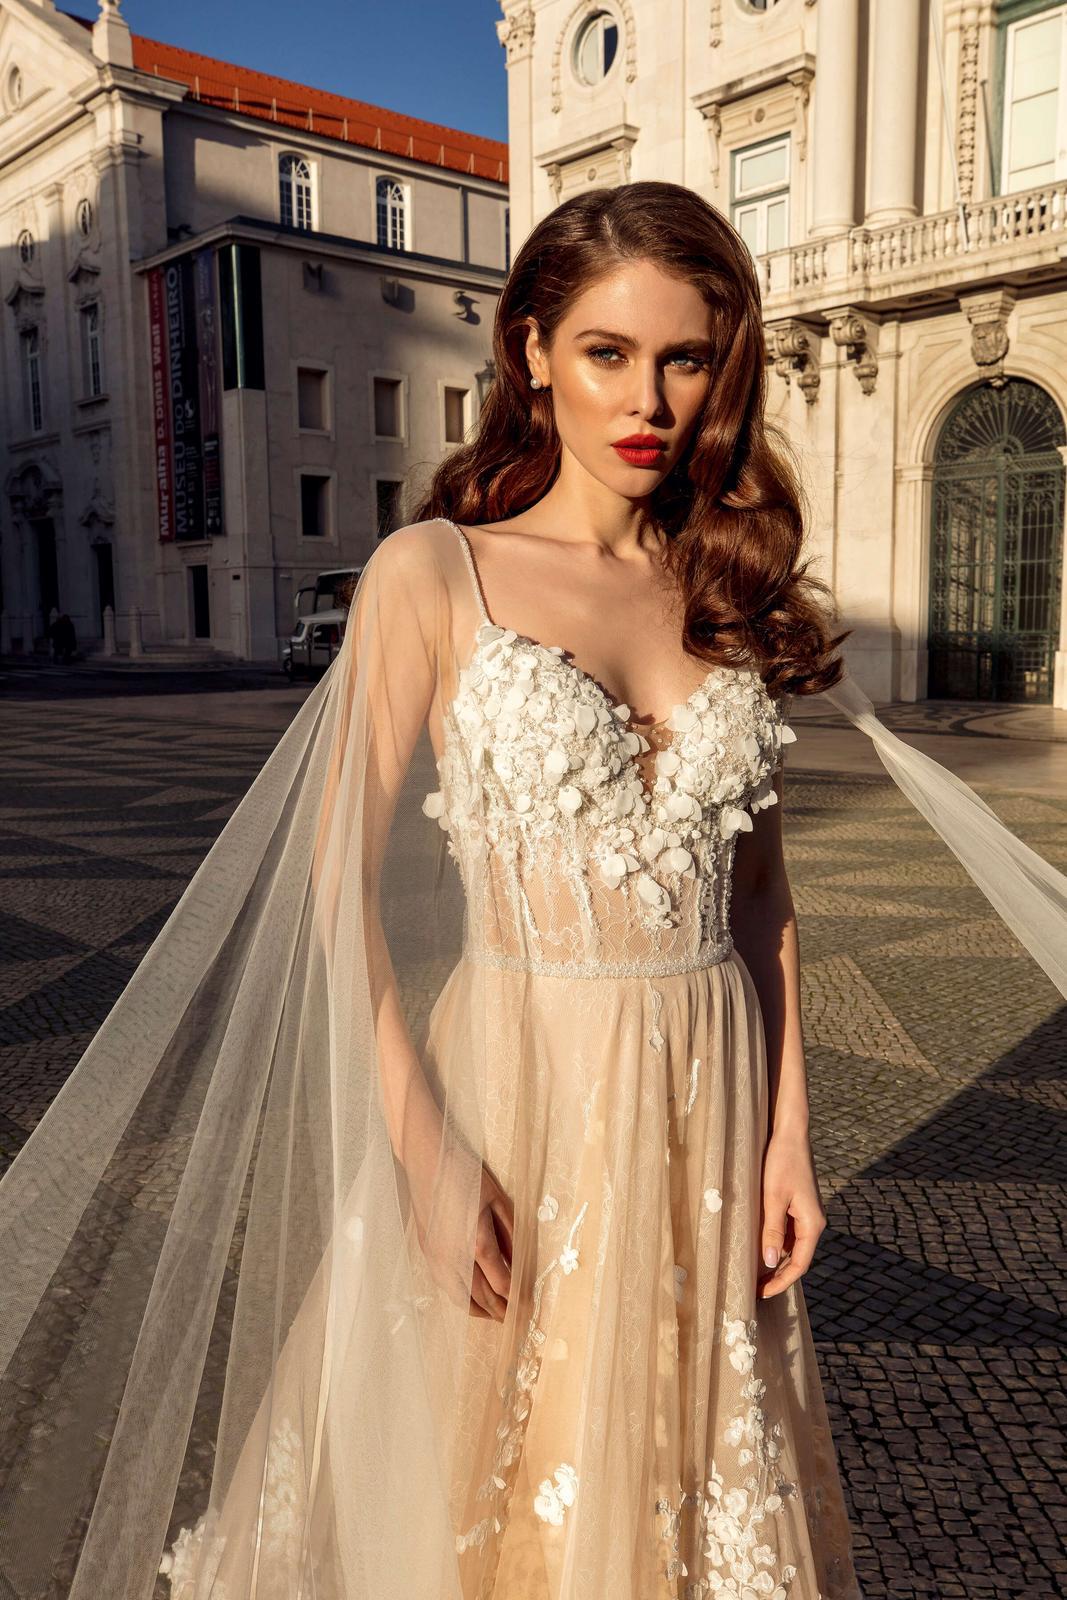 Innocentia Divina 2019 * Svadobné šaty z kolekcií na rok 2019 - Obrázok č. 68